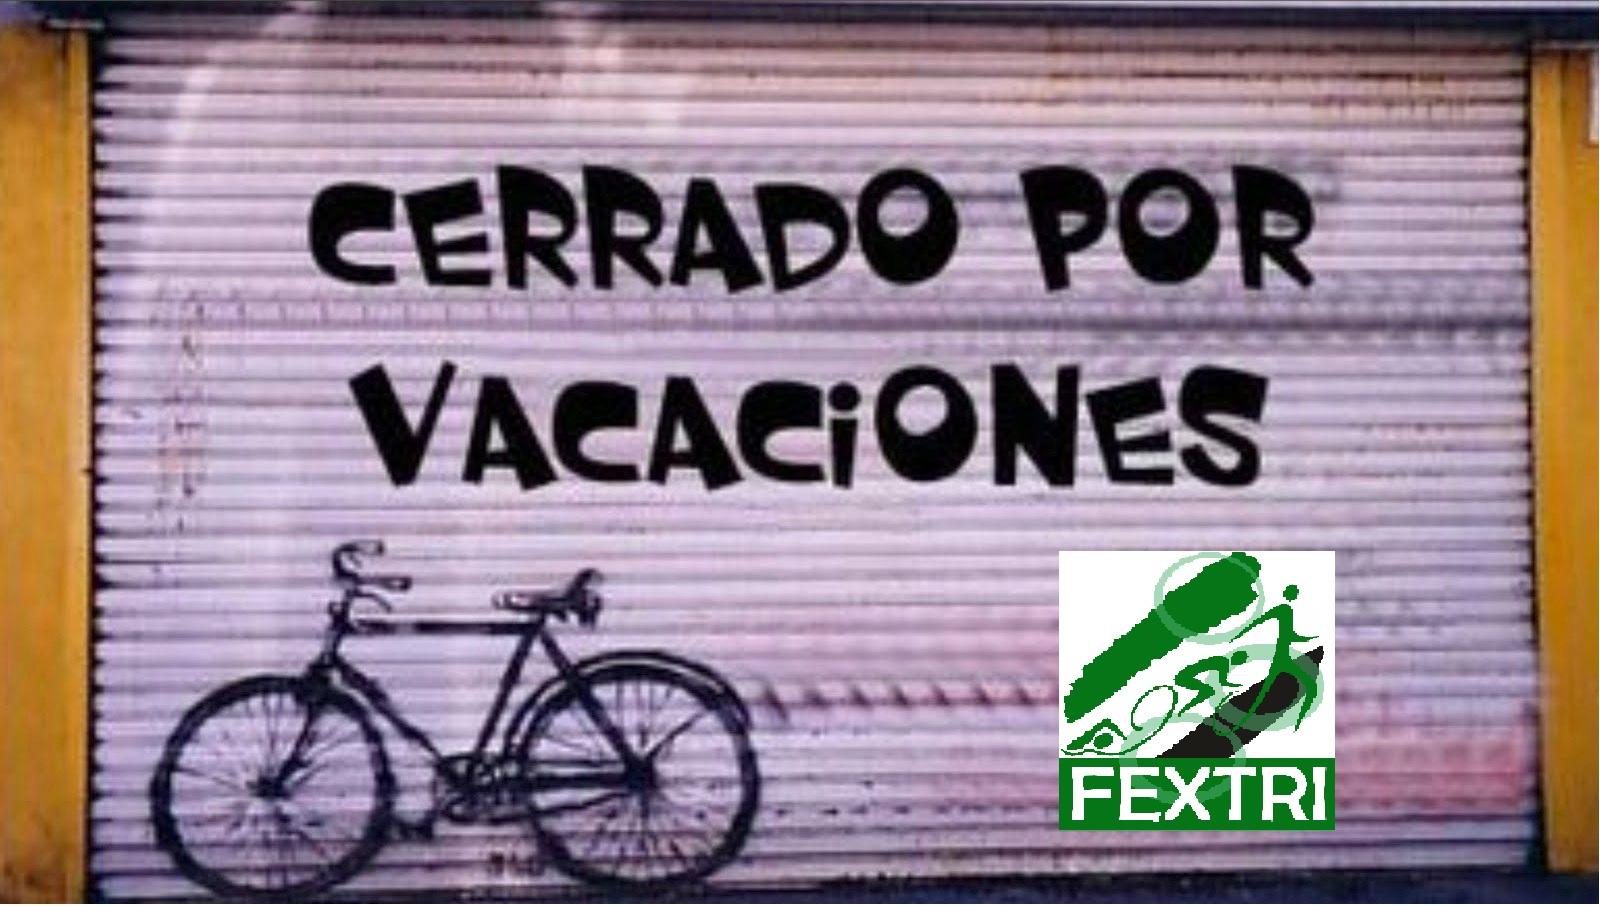 Cerrado por vacaciones fextri 1 thecheapjerseys Choice Image